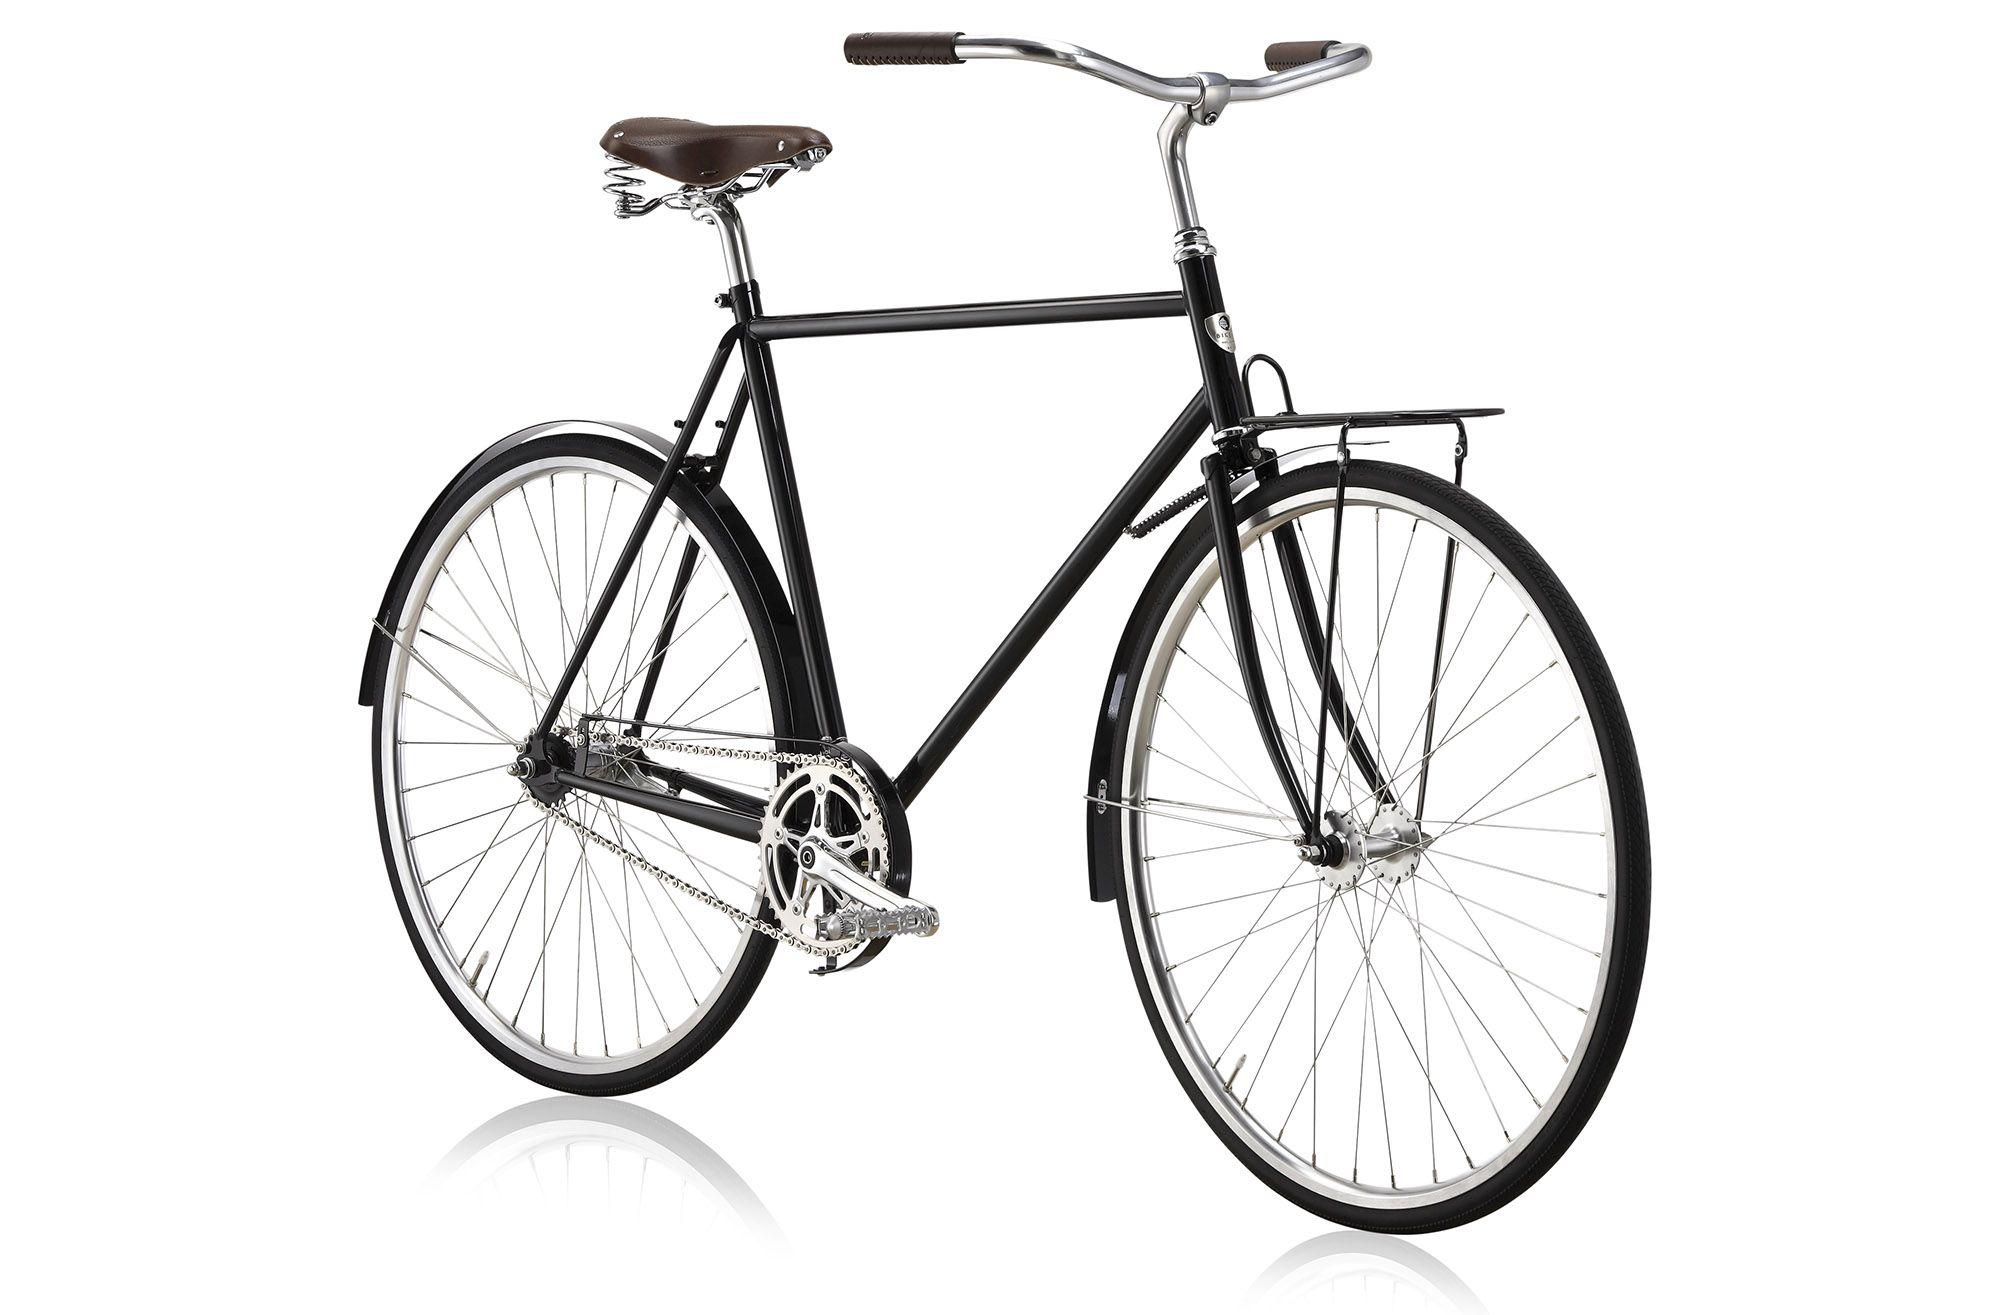 Bikeid Premium Swedish Bicycle Maker Bicycle Bike Urban Bike